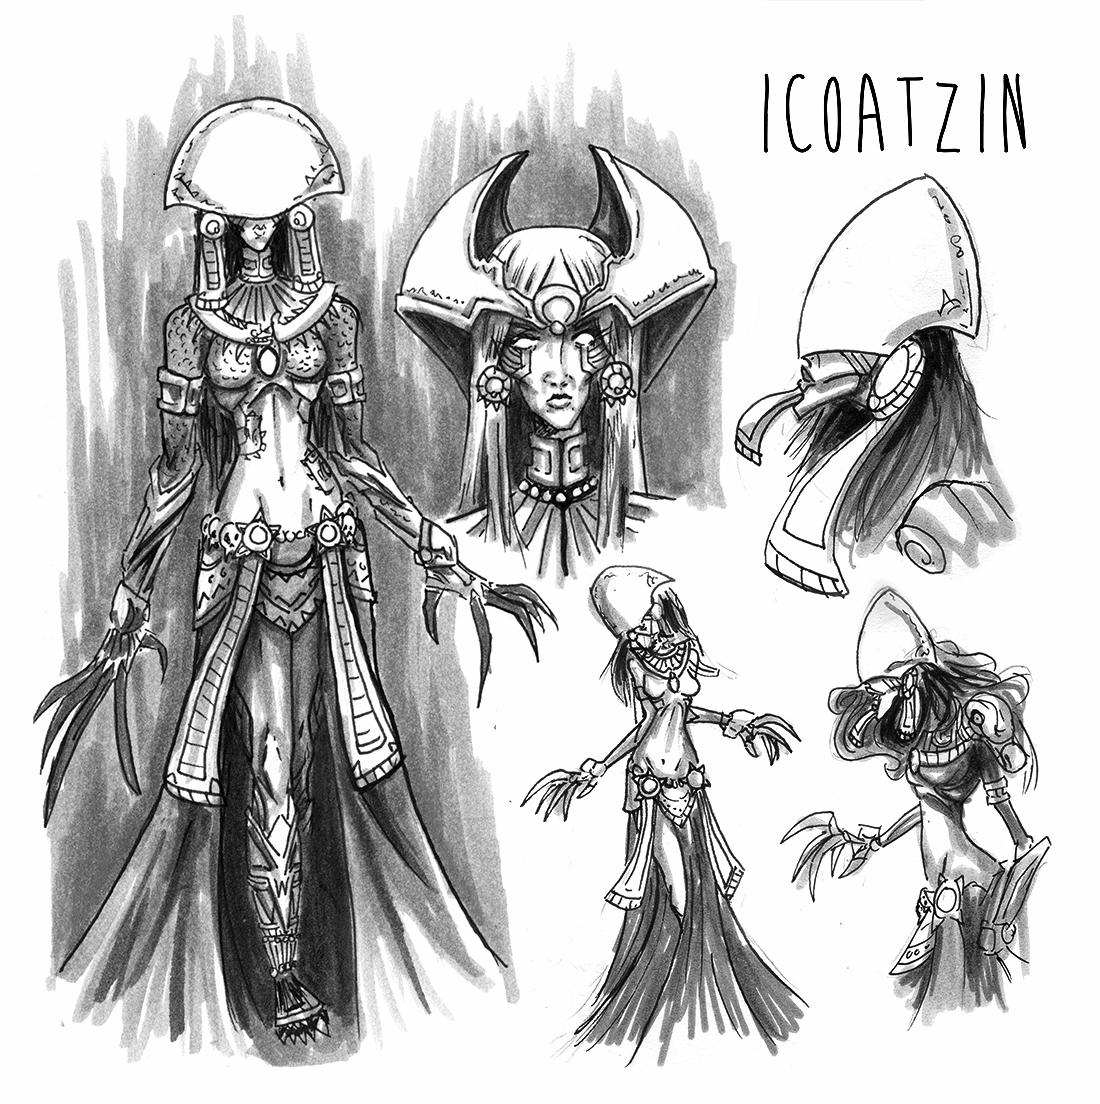 Icoatzin